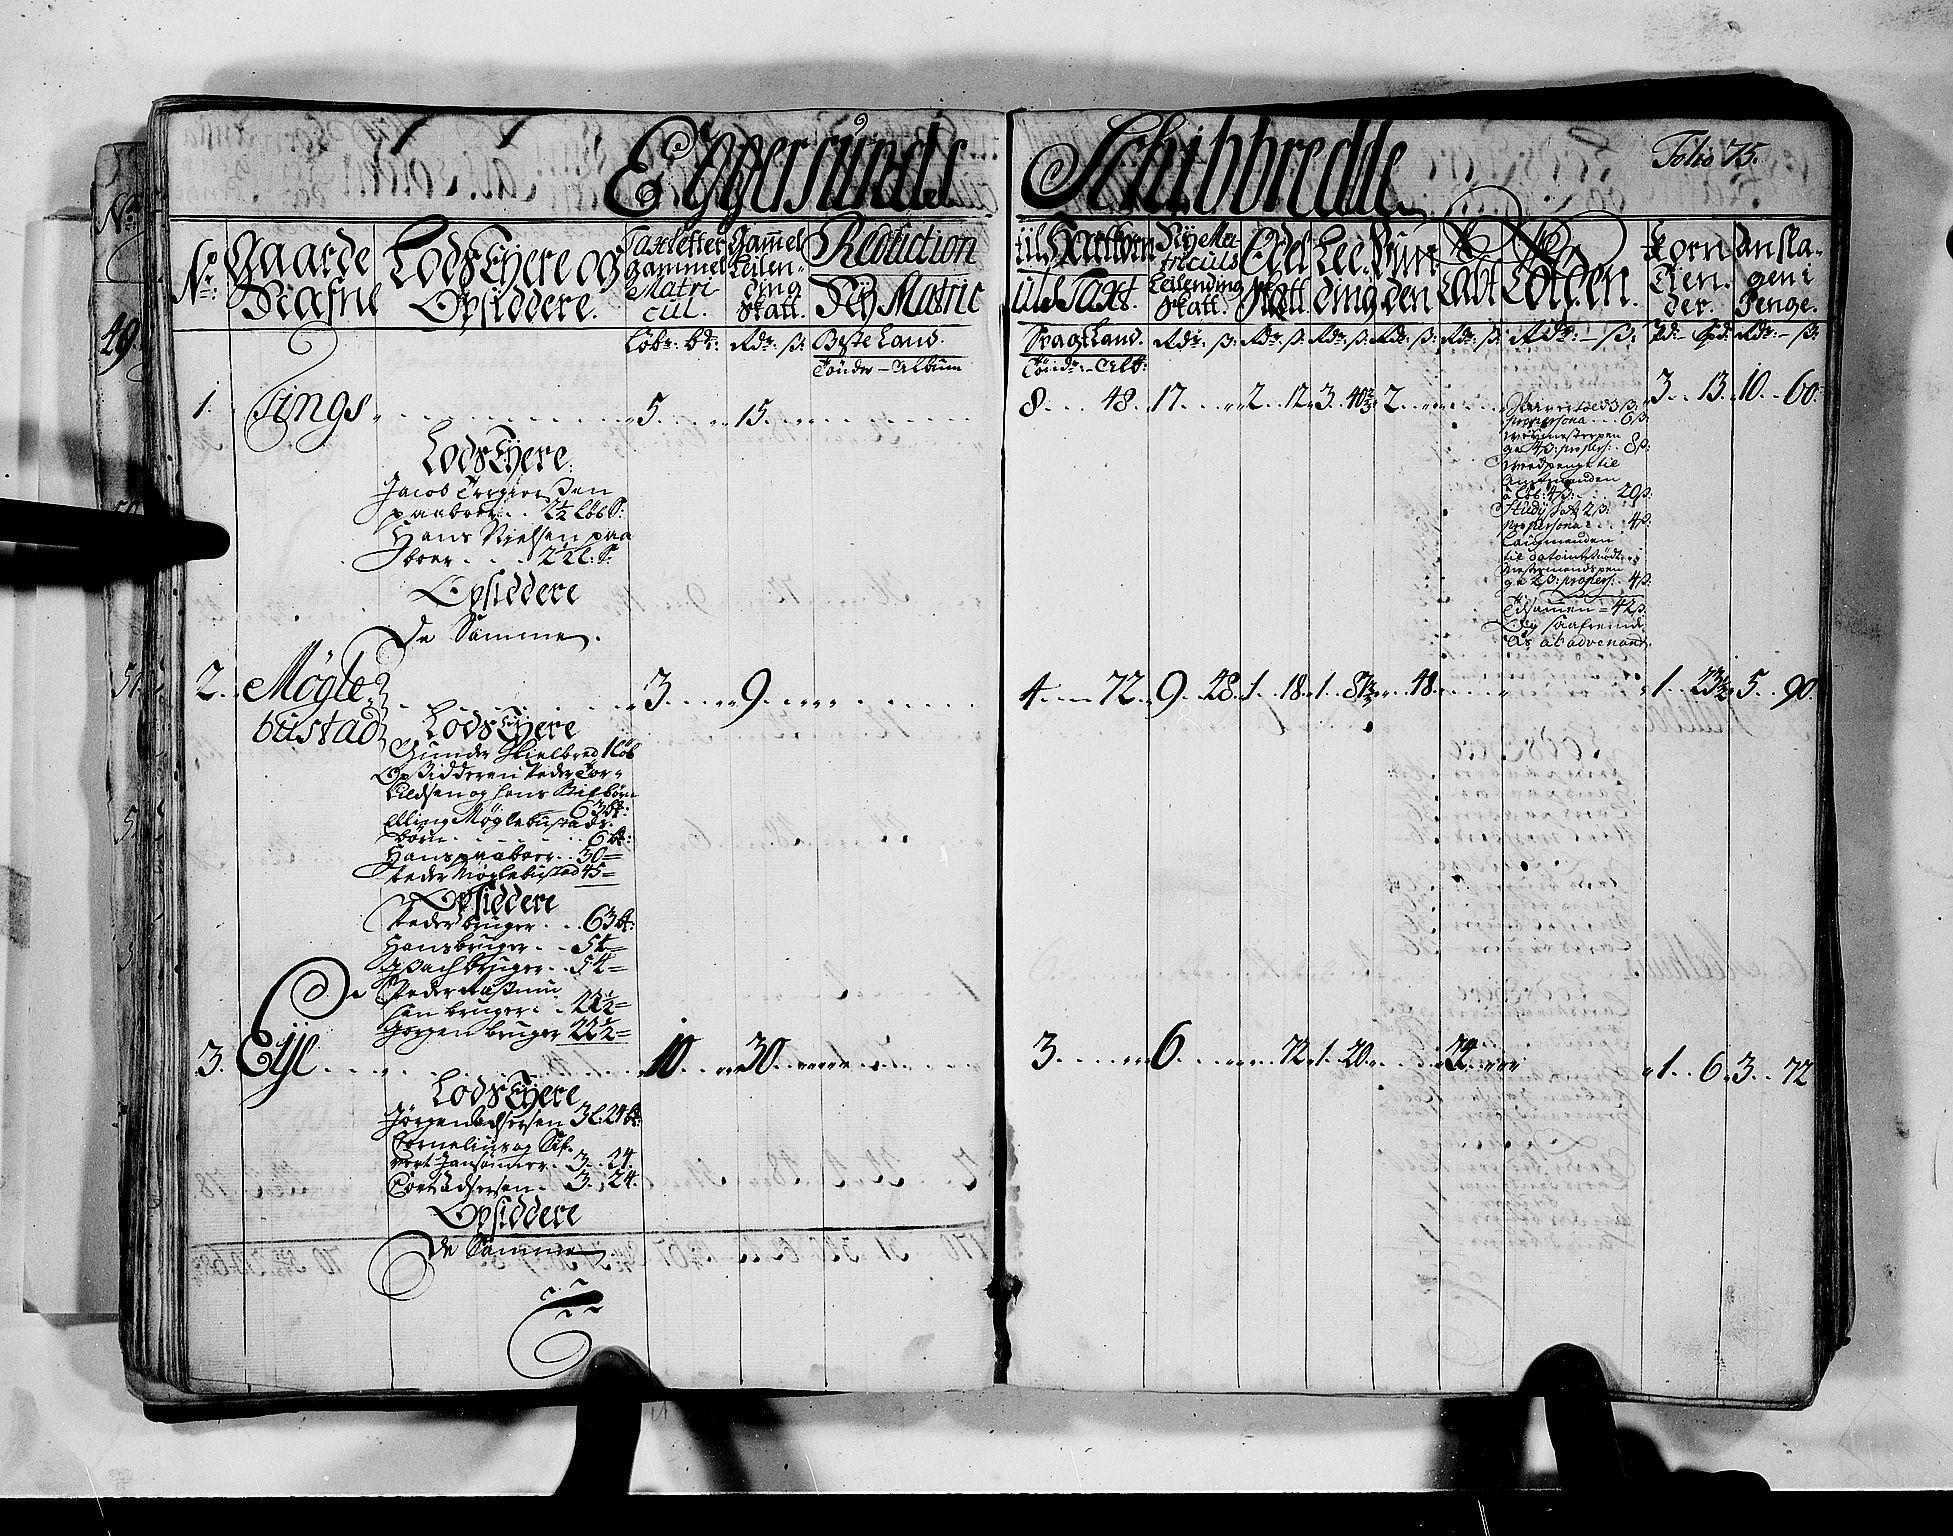 RA, Rentekammeret inntil 1814, Realistisk ordnet avdeling, N/Nb/Nbf/L0132: Jæren og Dalane matrikkelprotokoll, 1723, s. 74b-75a